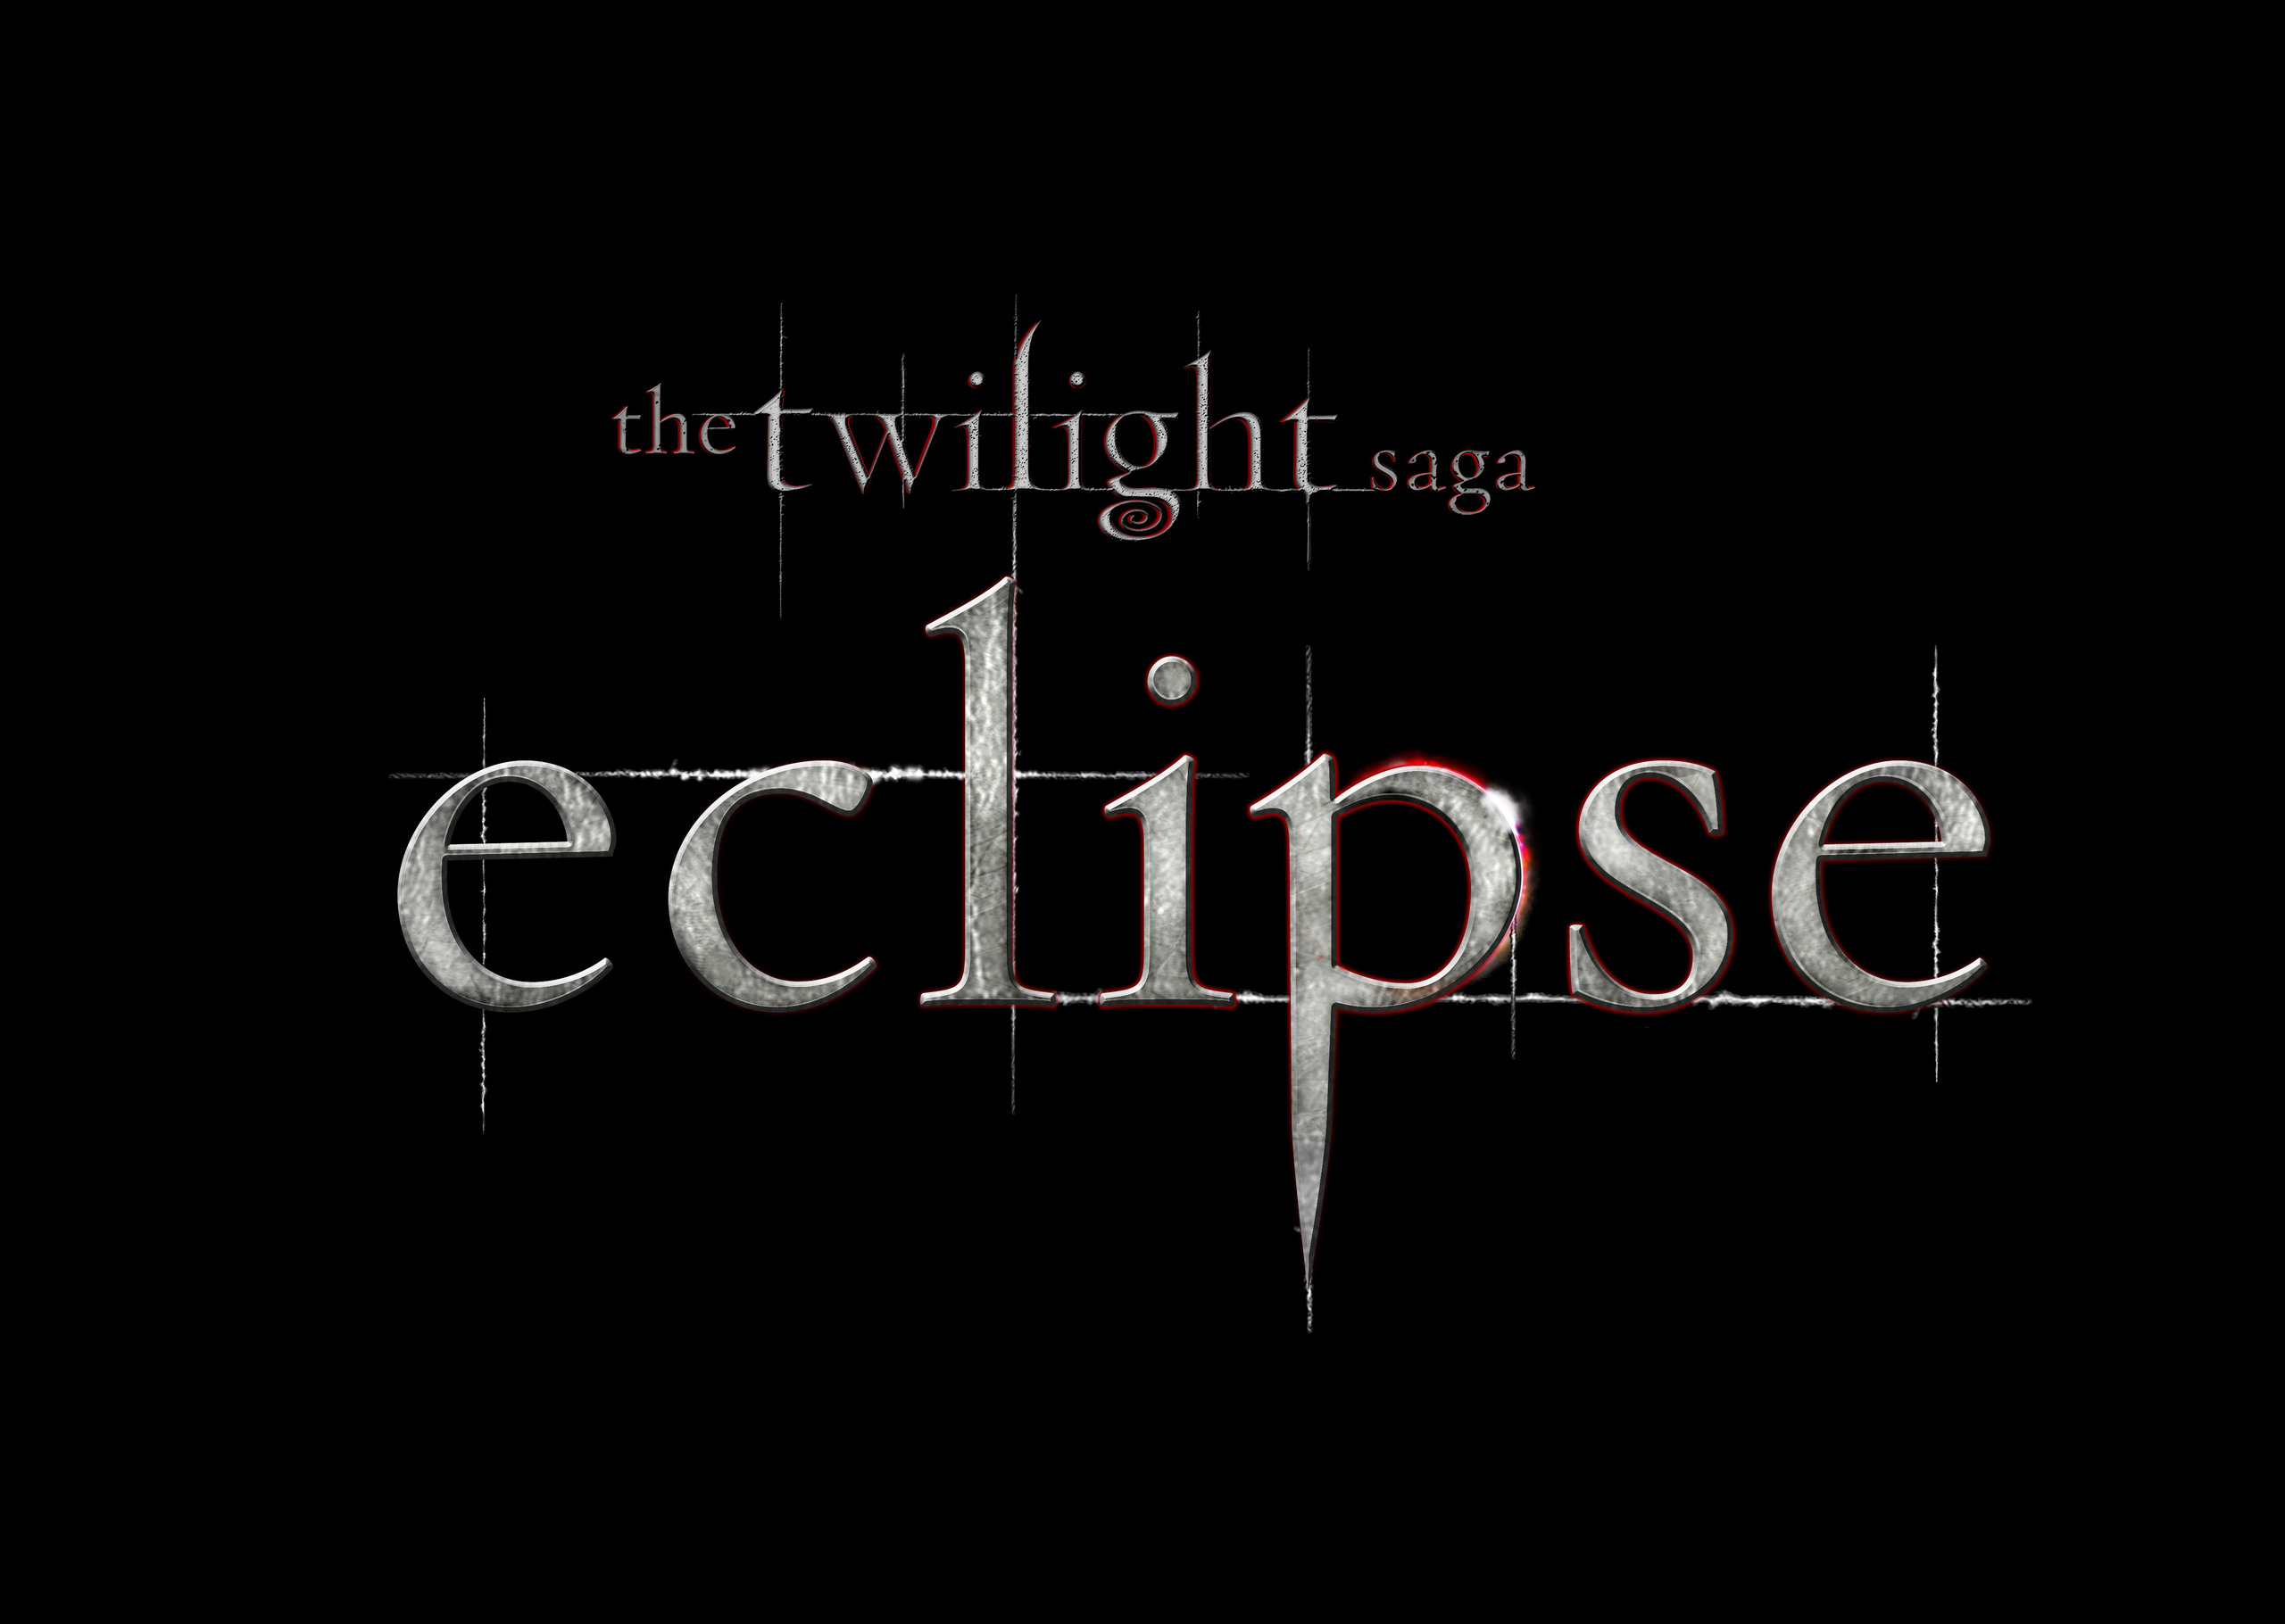 Eclipse Title Treatment